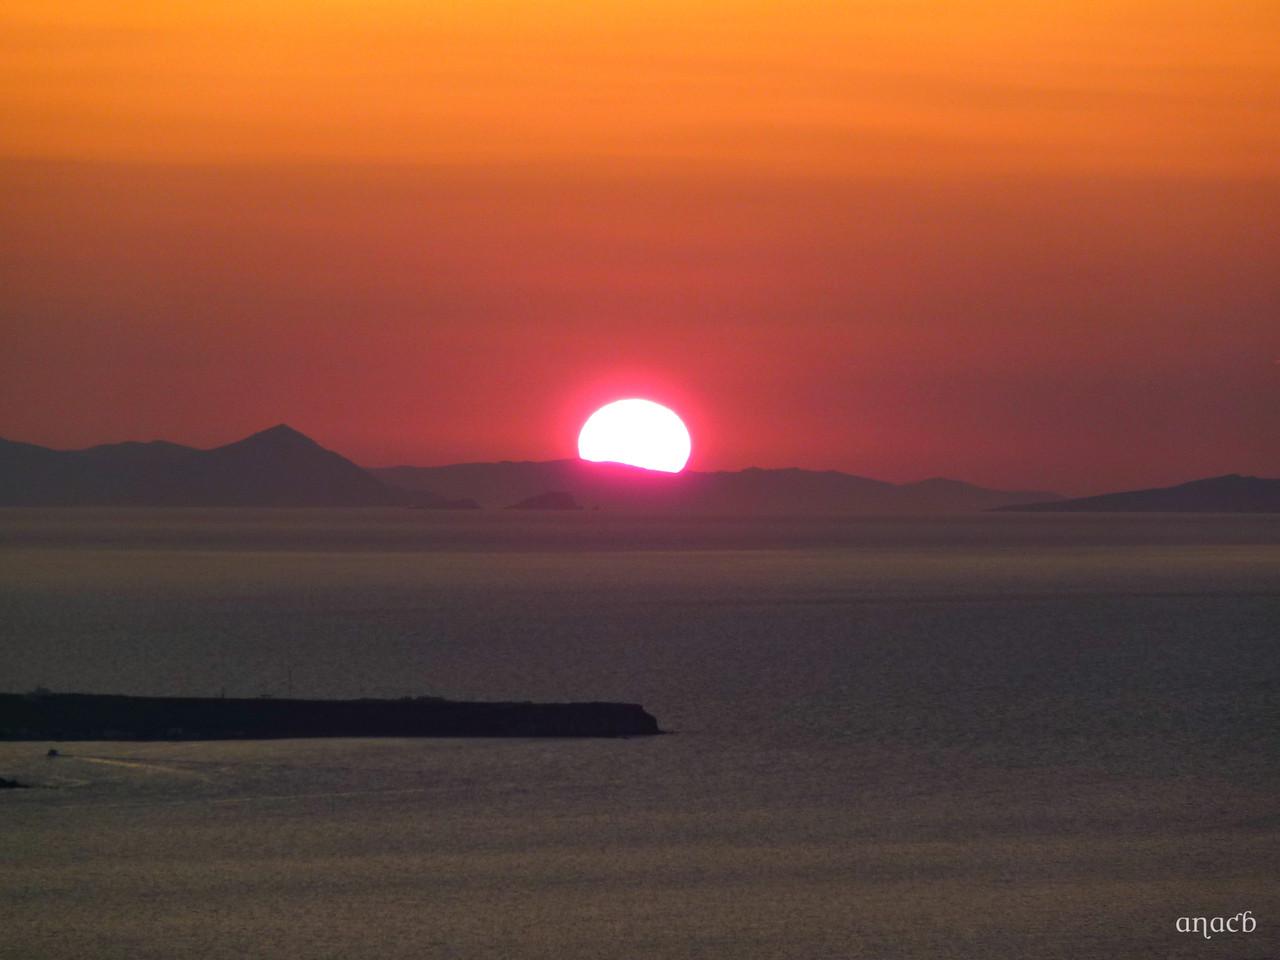 Santorini-o pôr-do-sol visto de Fira (1553) cópi